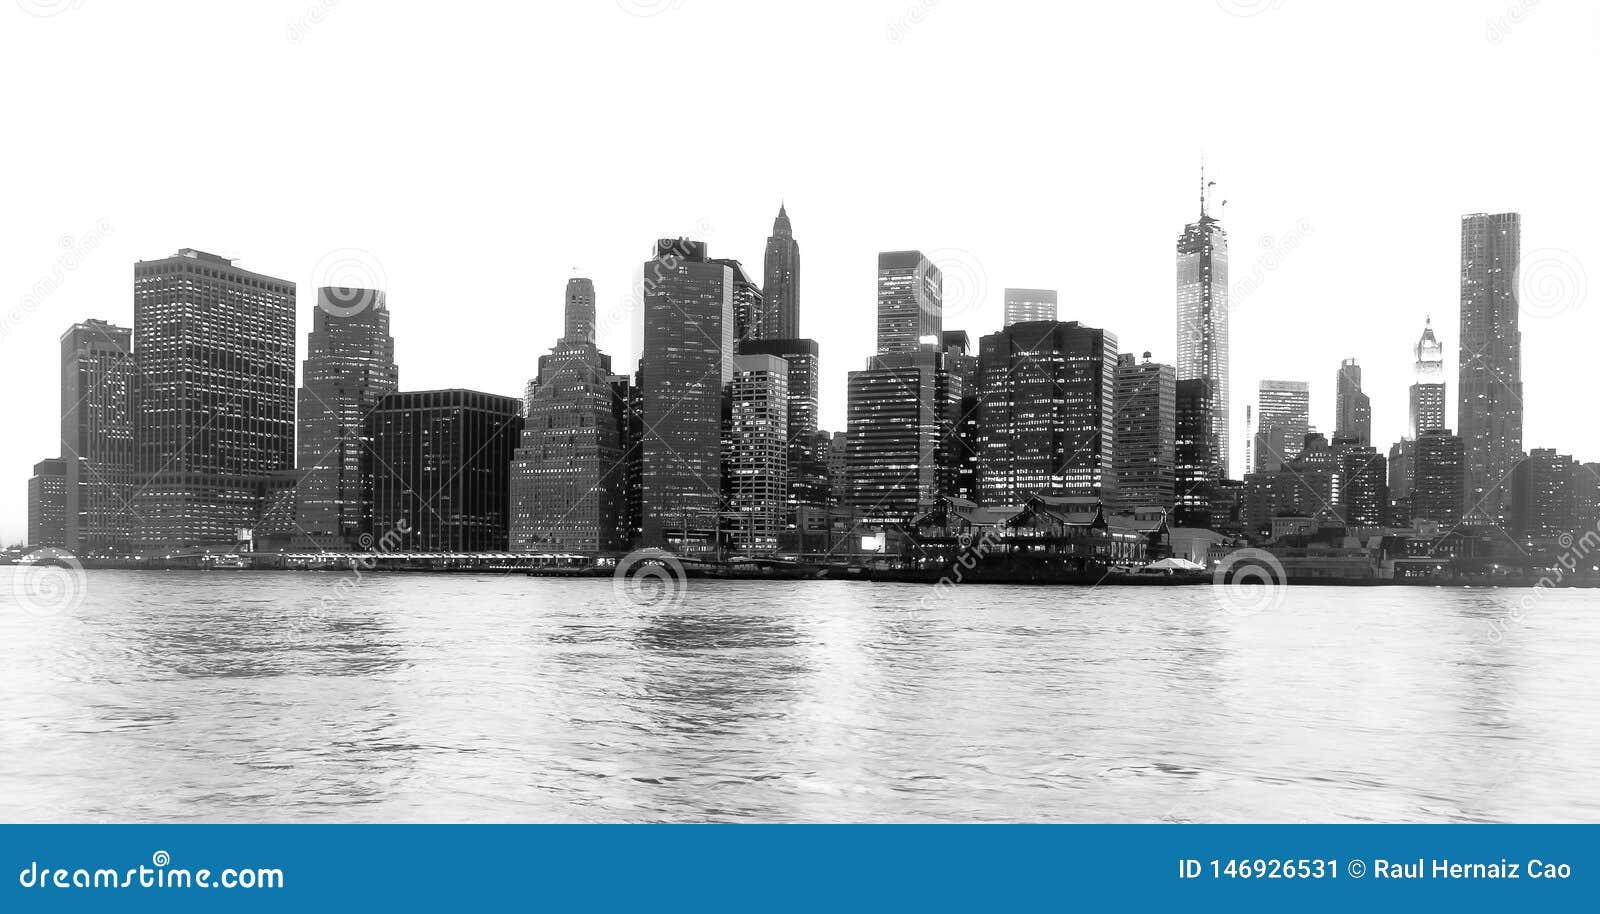 Den trevliga sikten av New York det finansiella området och Lower Manhattan på gryning som beskådas från den Brooklyn bron, parke